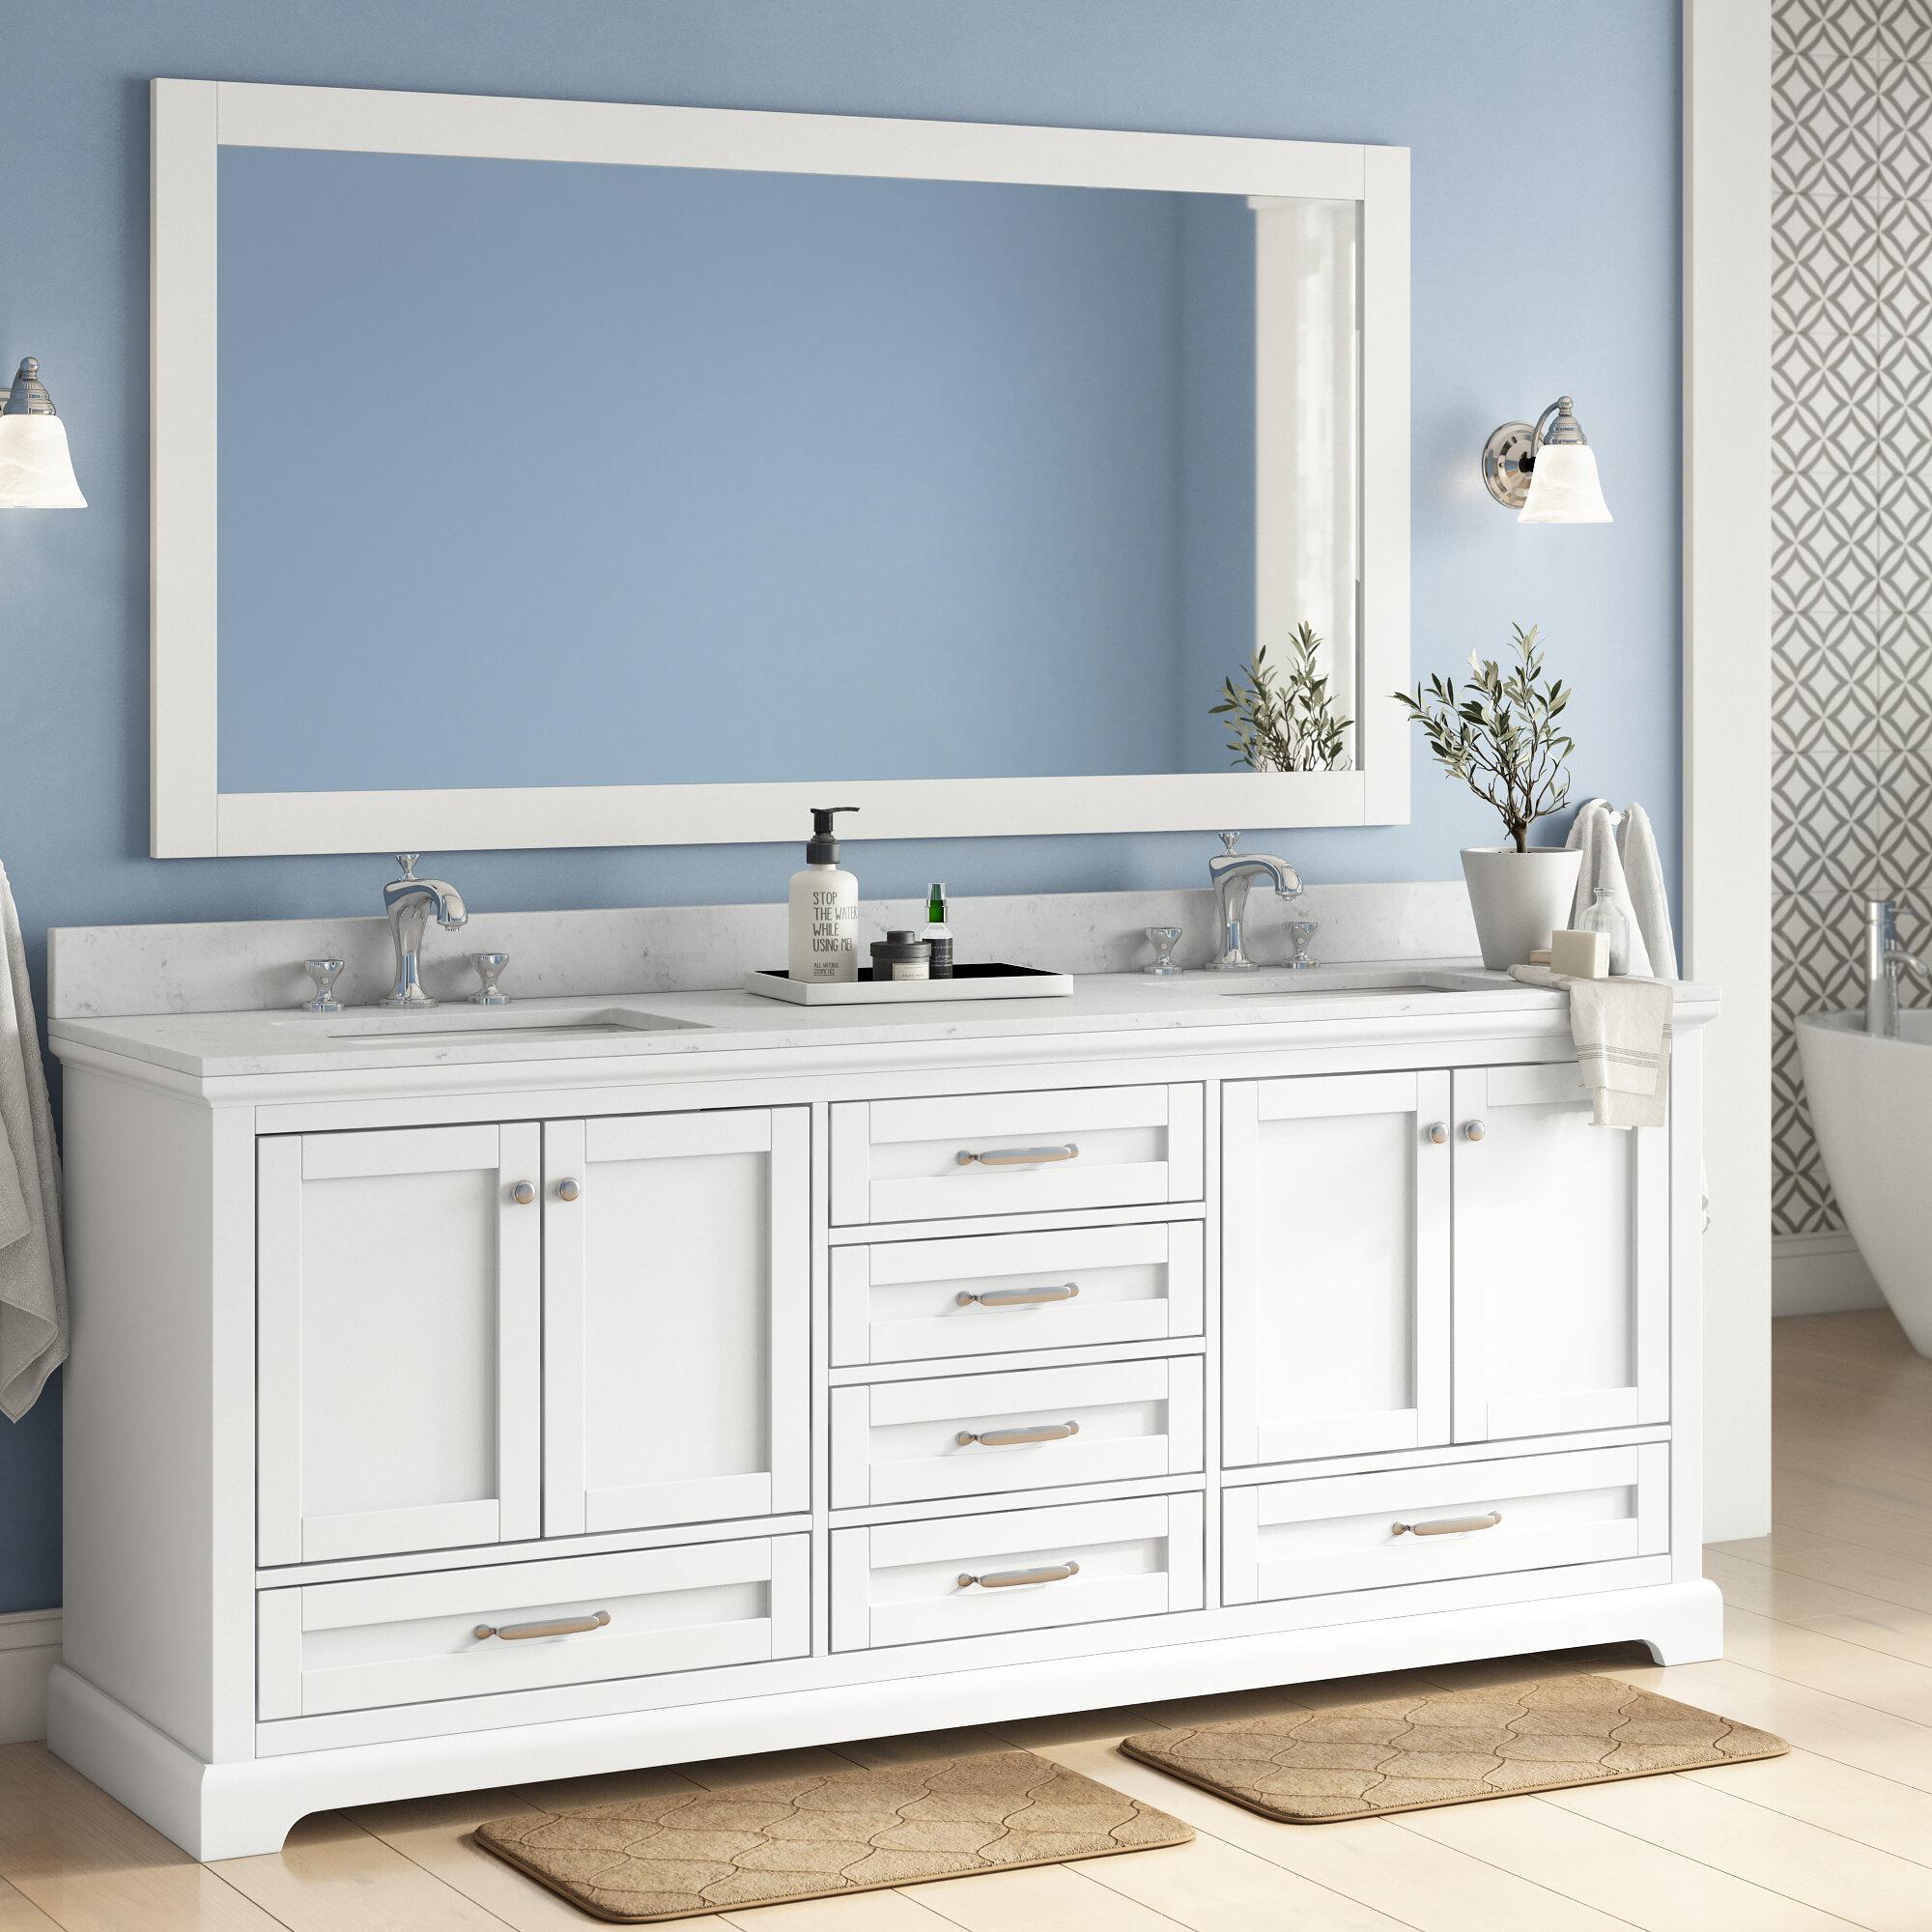 Red Barrel Studio Drumgurland 80 Double Bathroom Vanity Set Wayfair